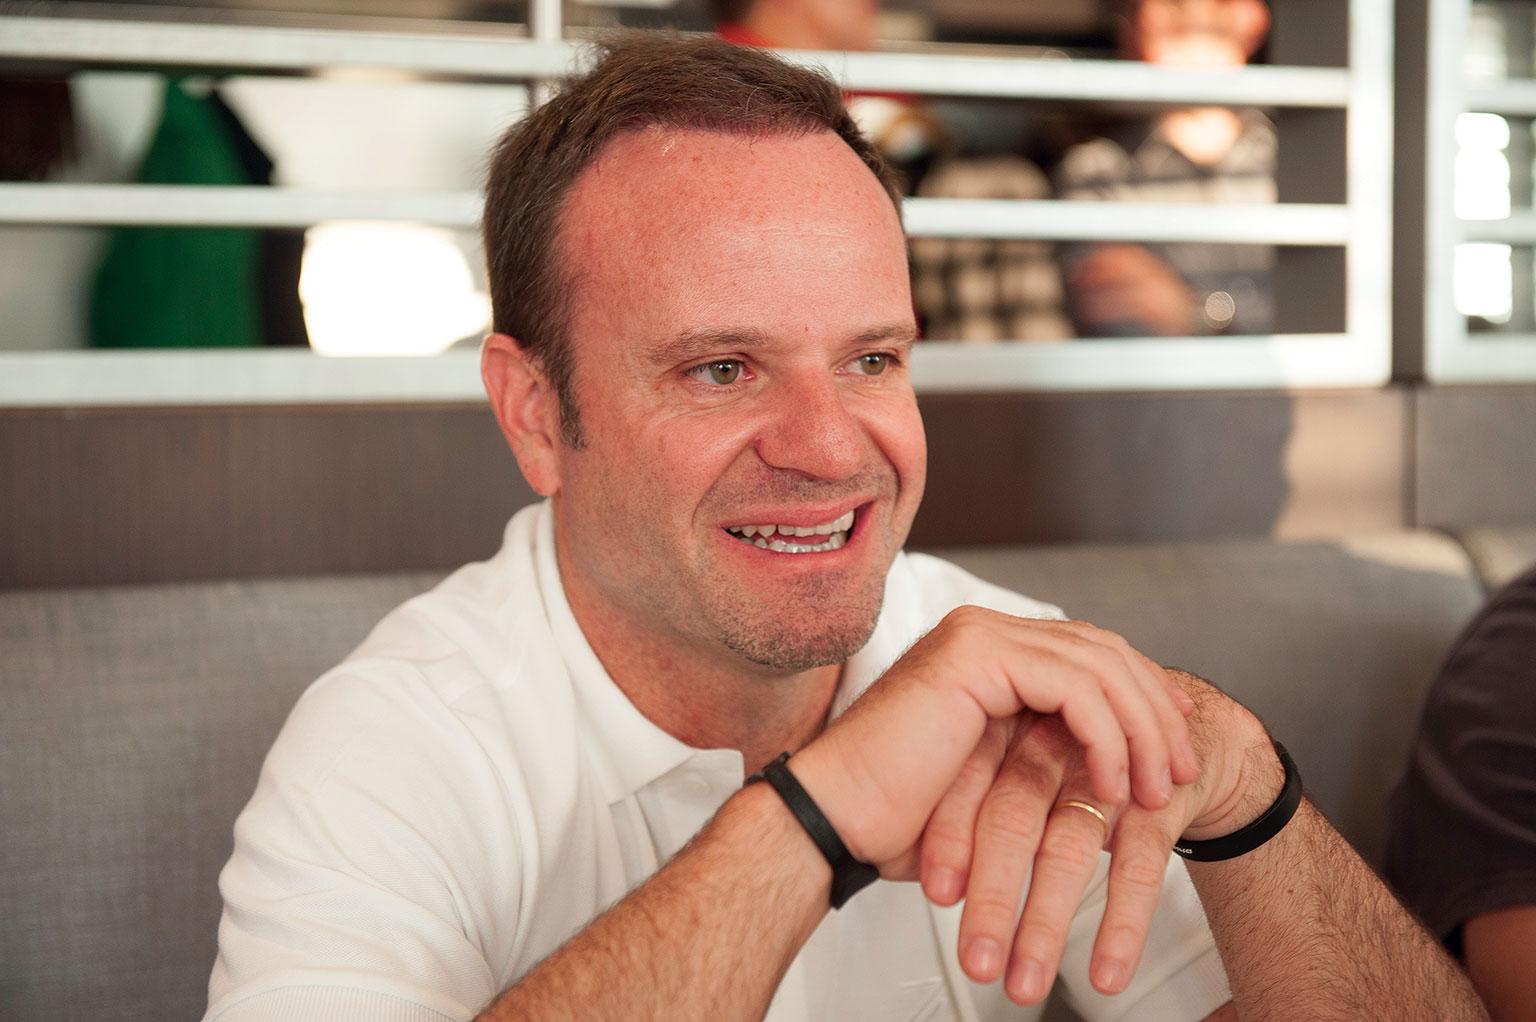 050713-Barrichello-255